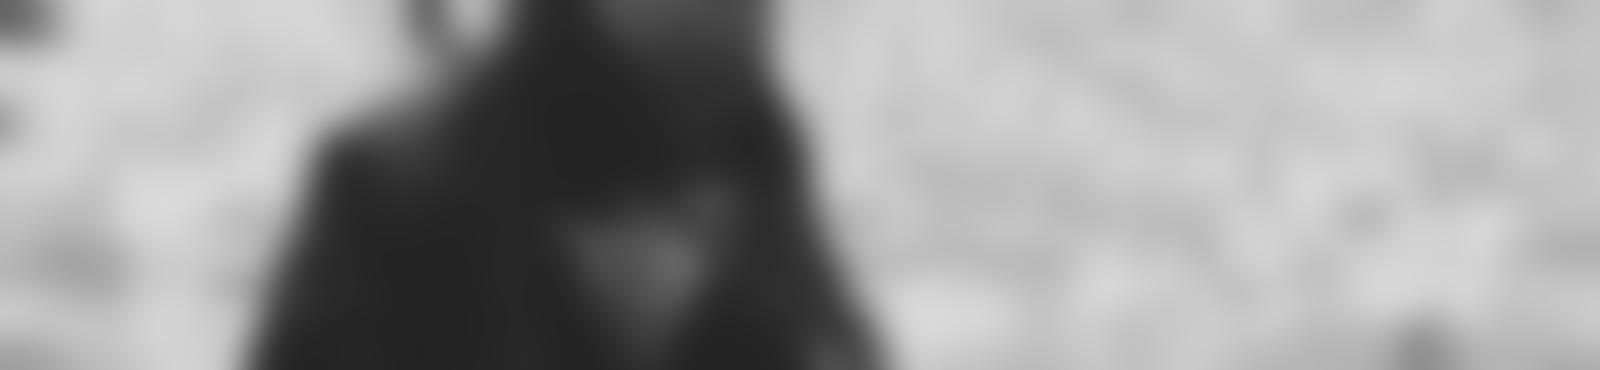 Blurred 4c95dd8b 4bb5 4fcd 95d1 c8512669e17d